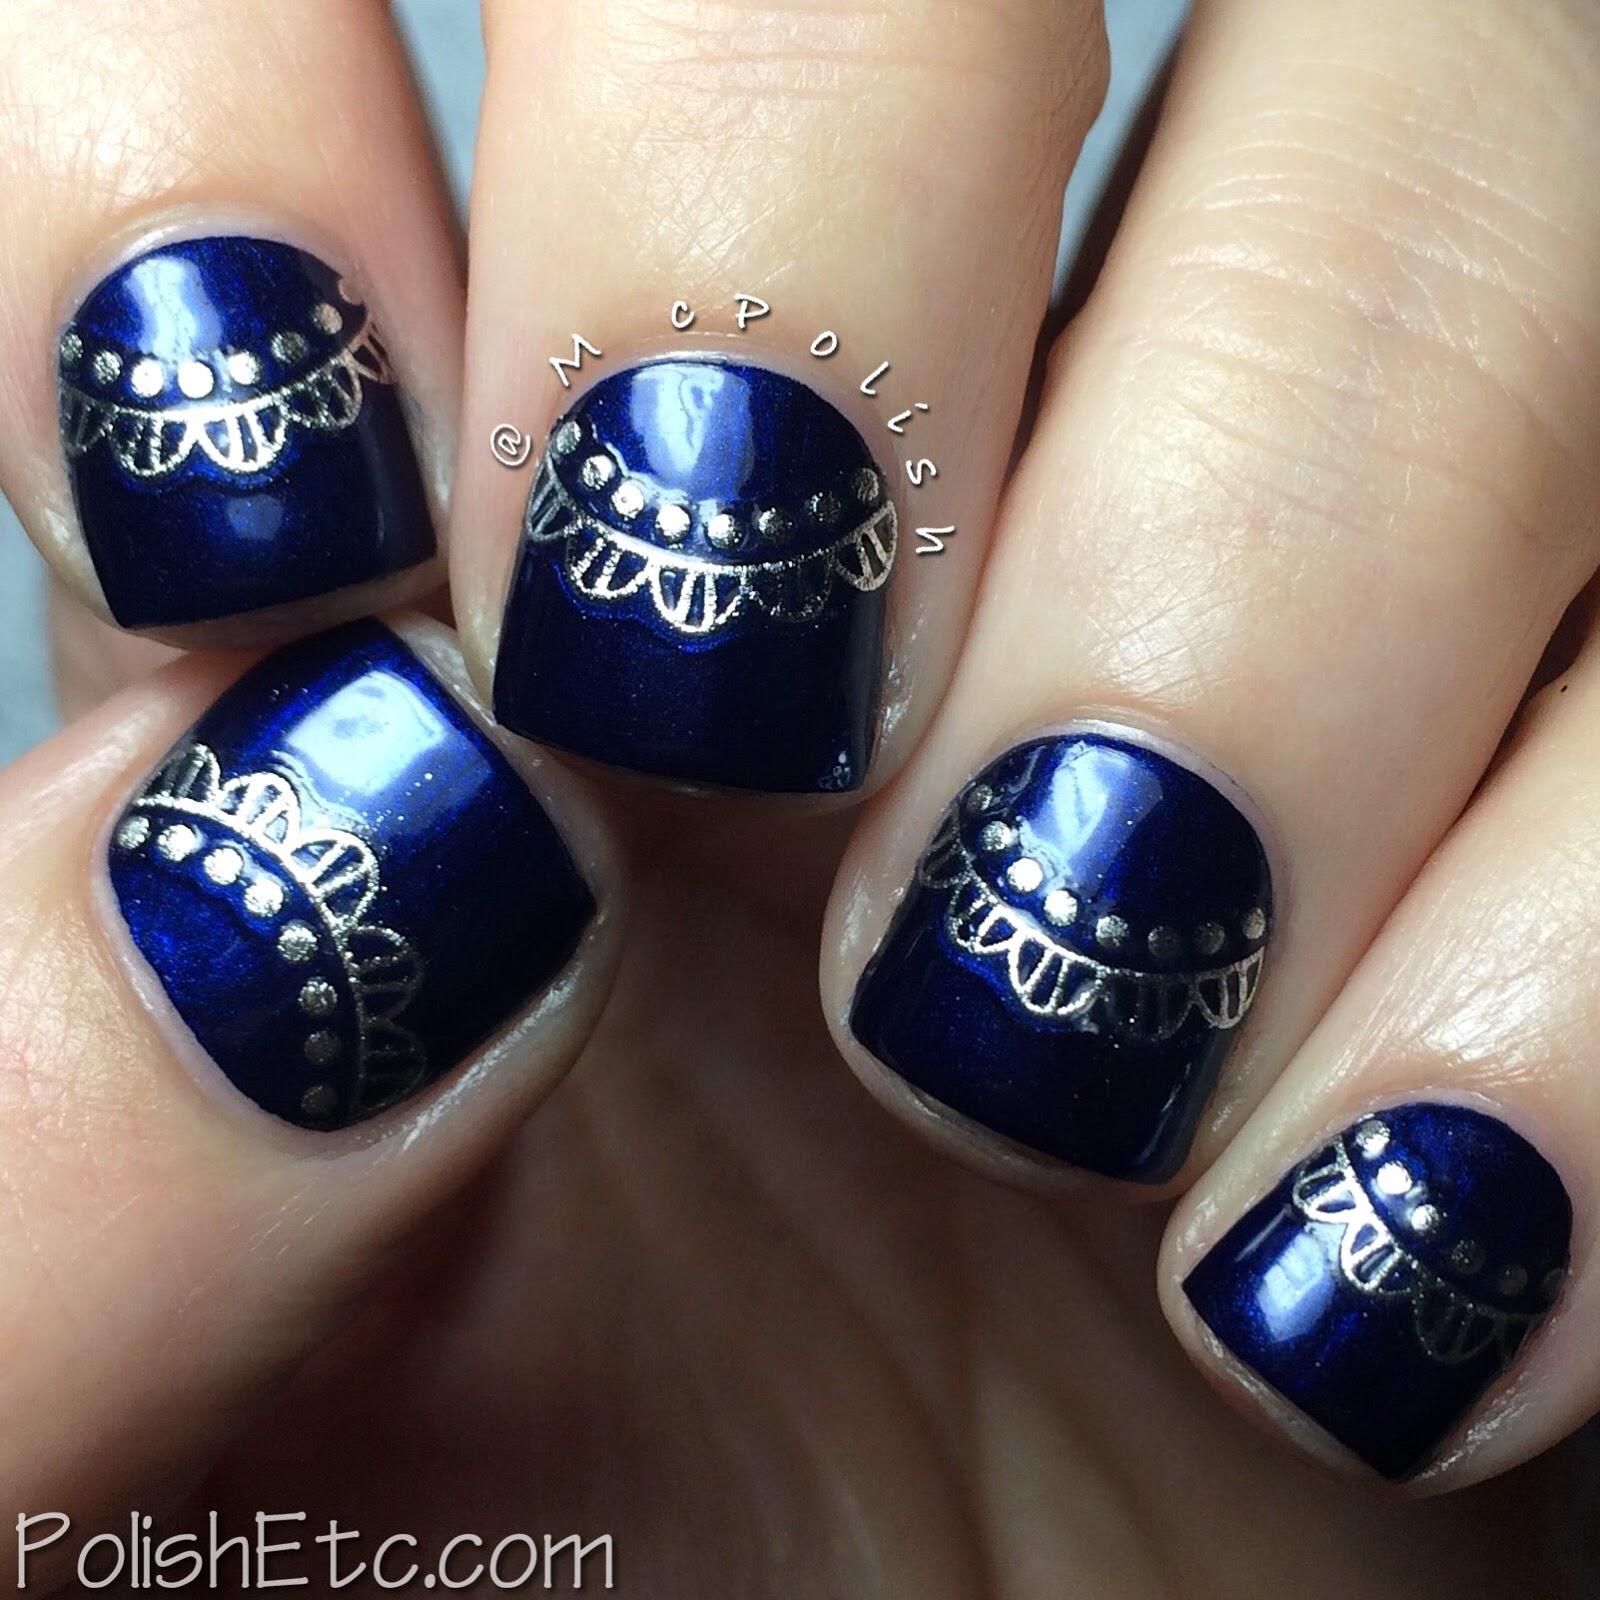 Born Pretty Store - Silver 3D Nail Stickers - Polish Etc.